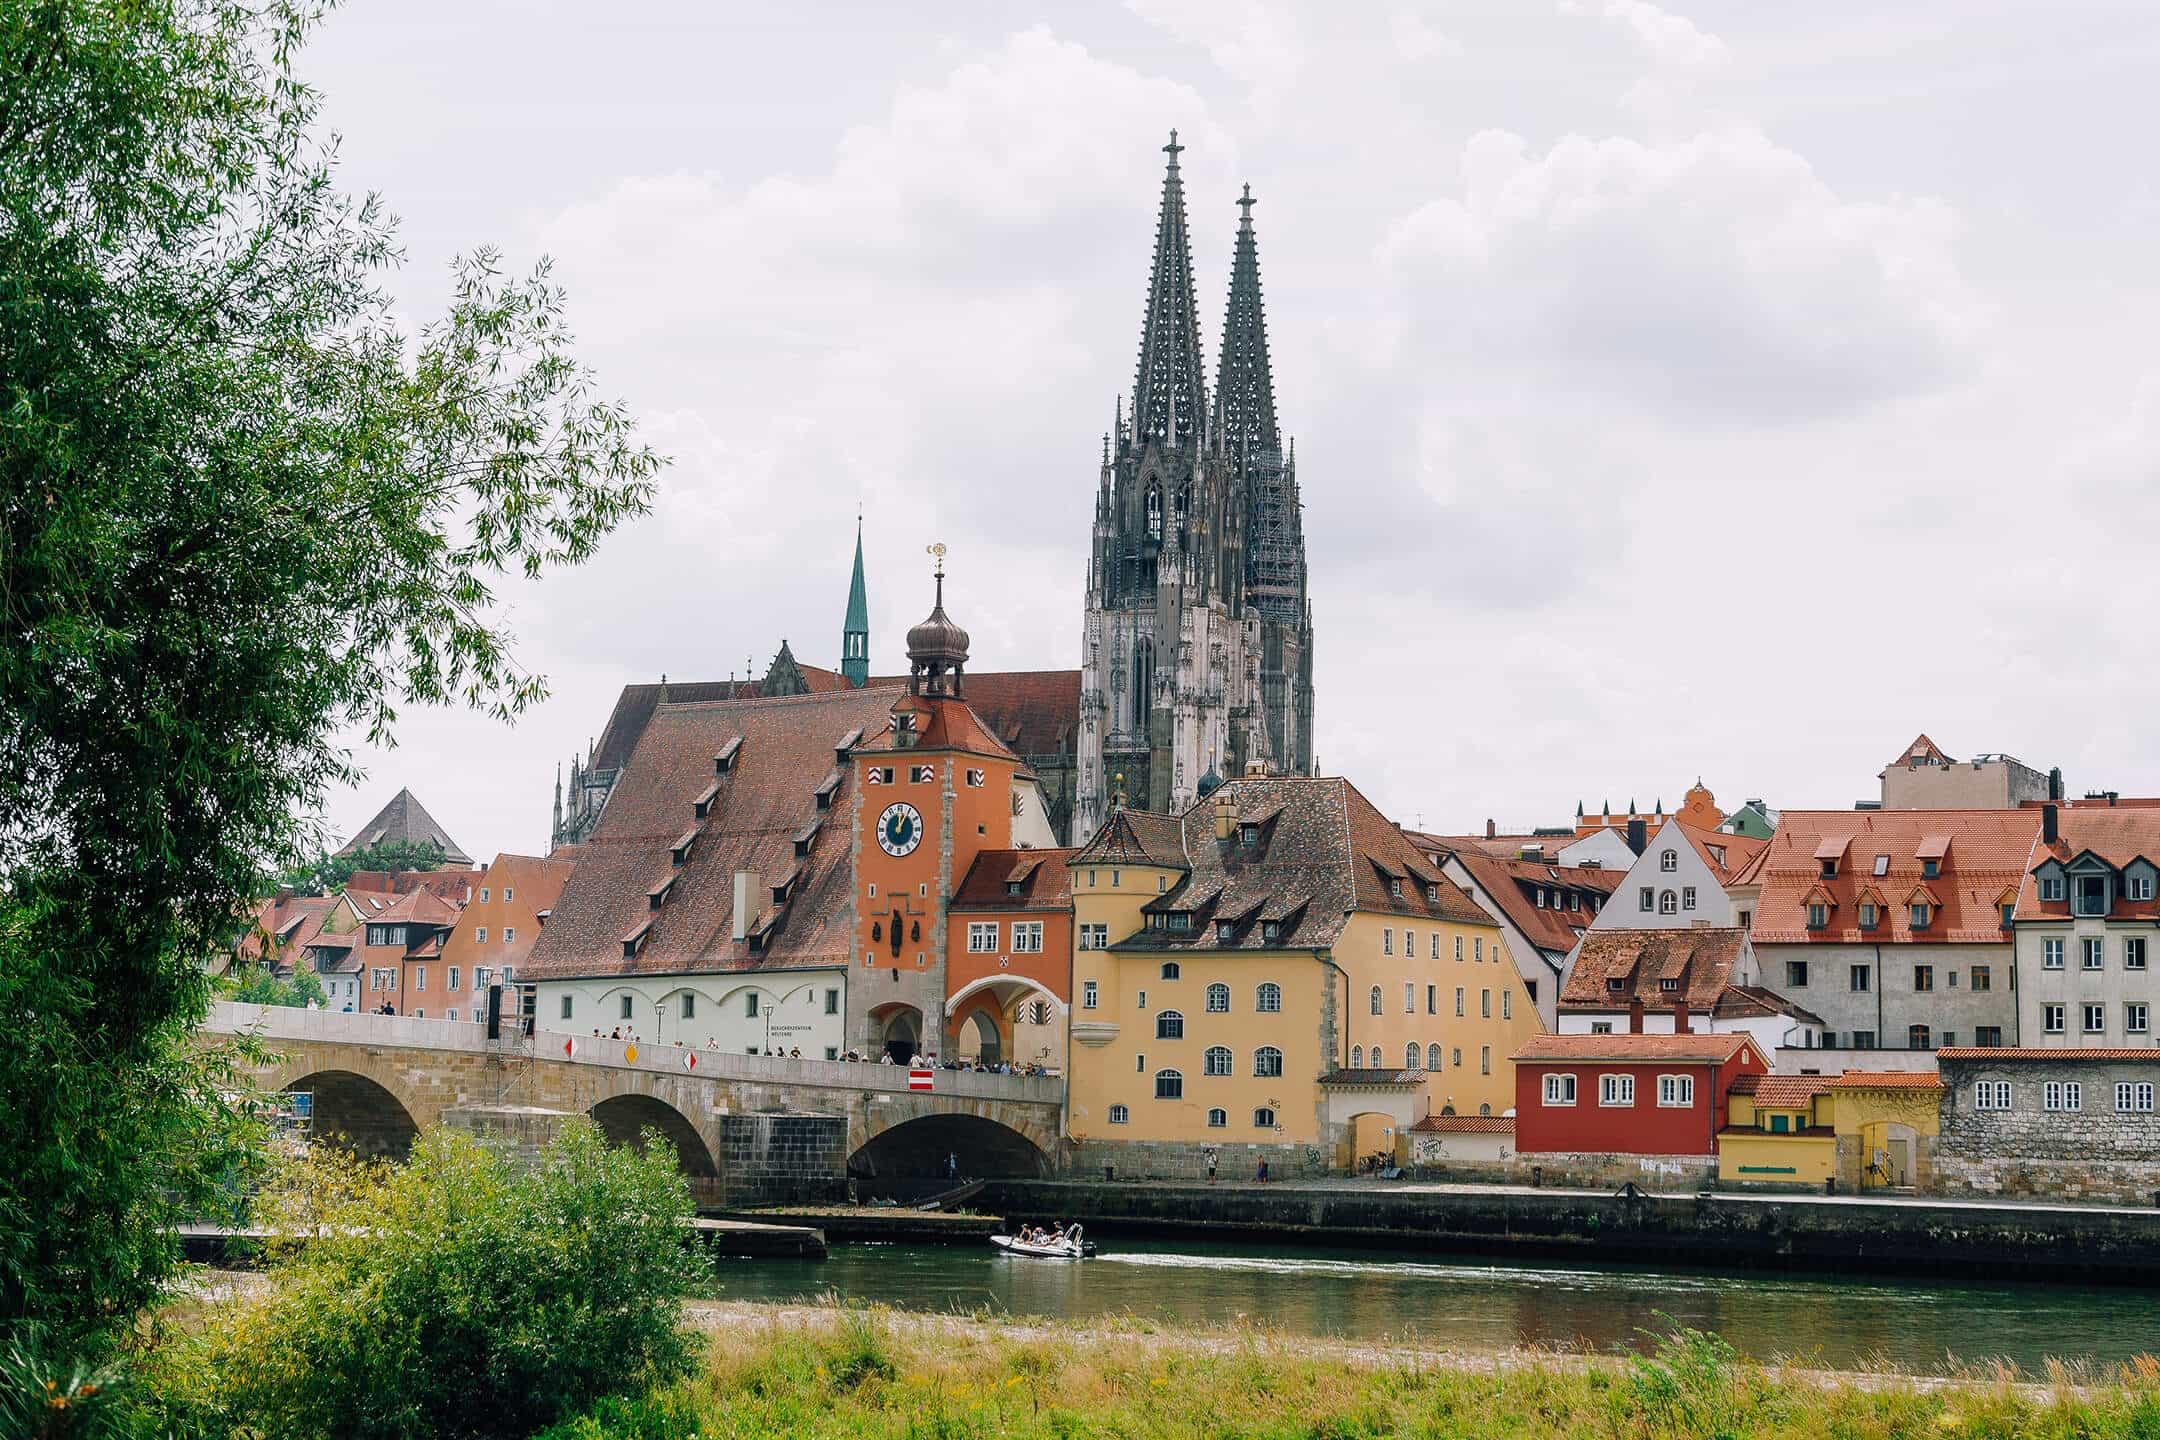 Luftfracht Hubschrauber Regensburg